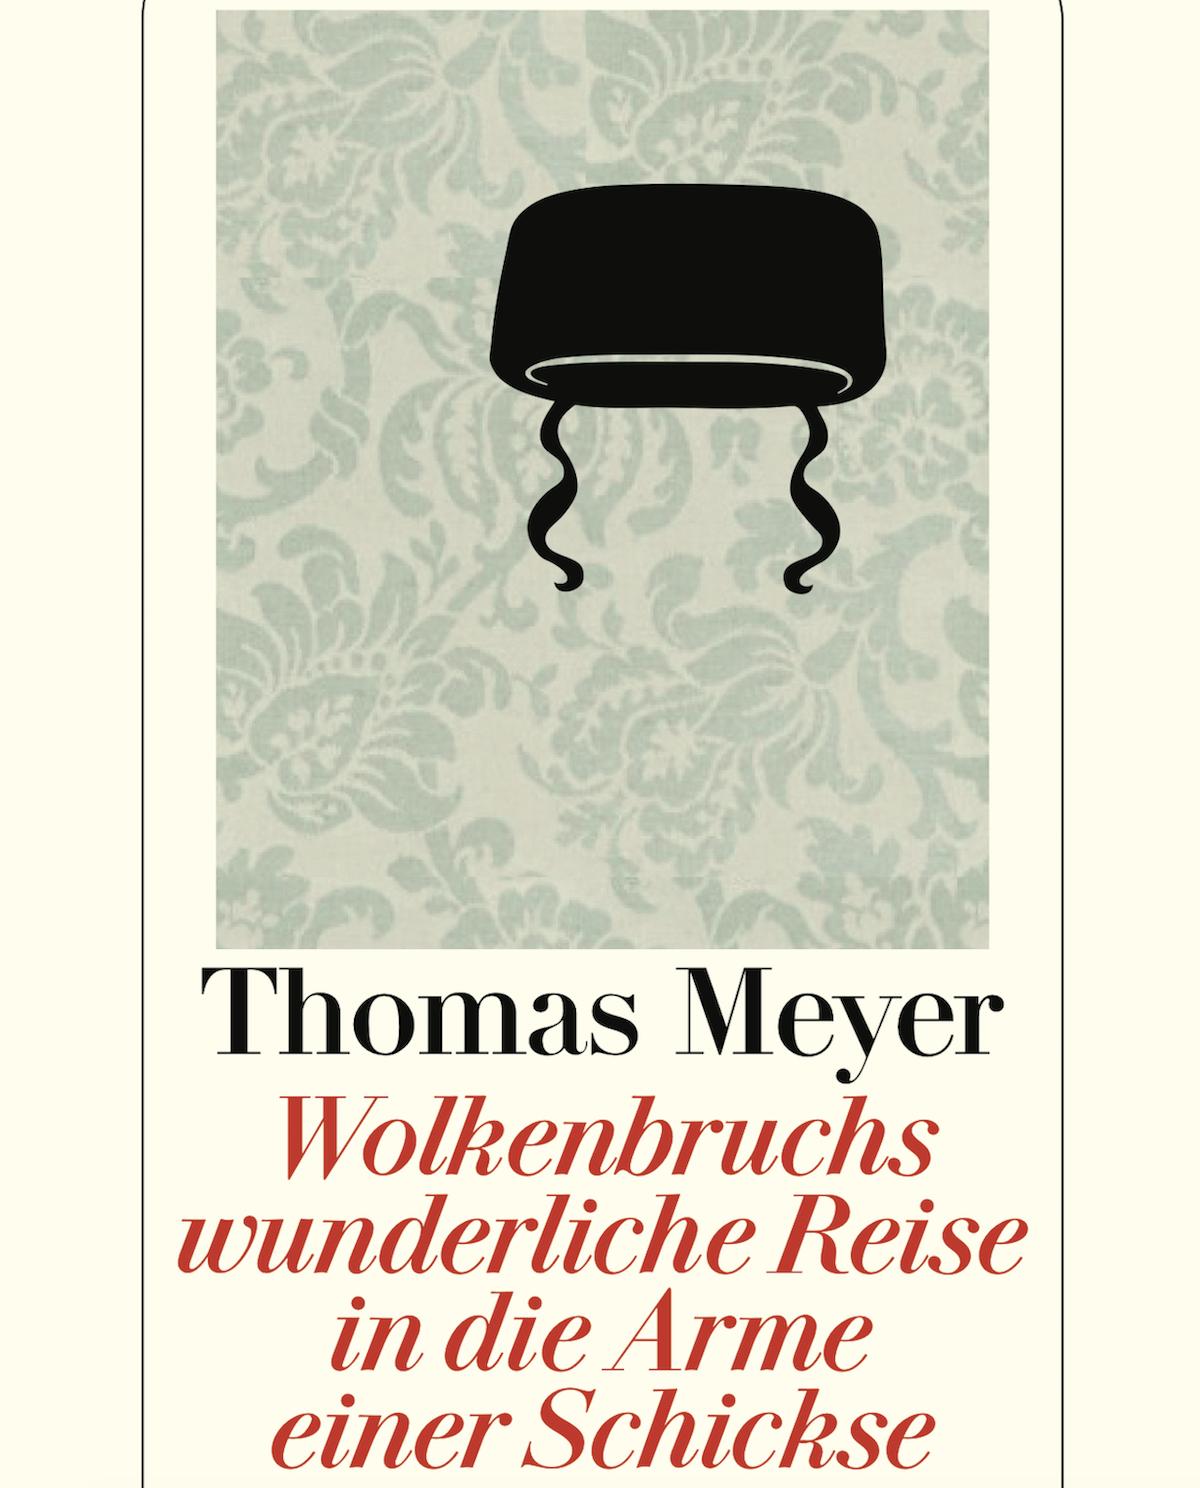 Prägnant, abstrahiert, plakativ: Thomas Meyer liebt eine klare Sprache und deutliche Symbole.